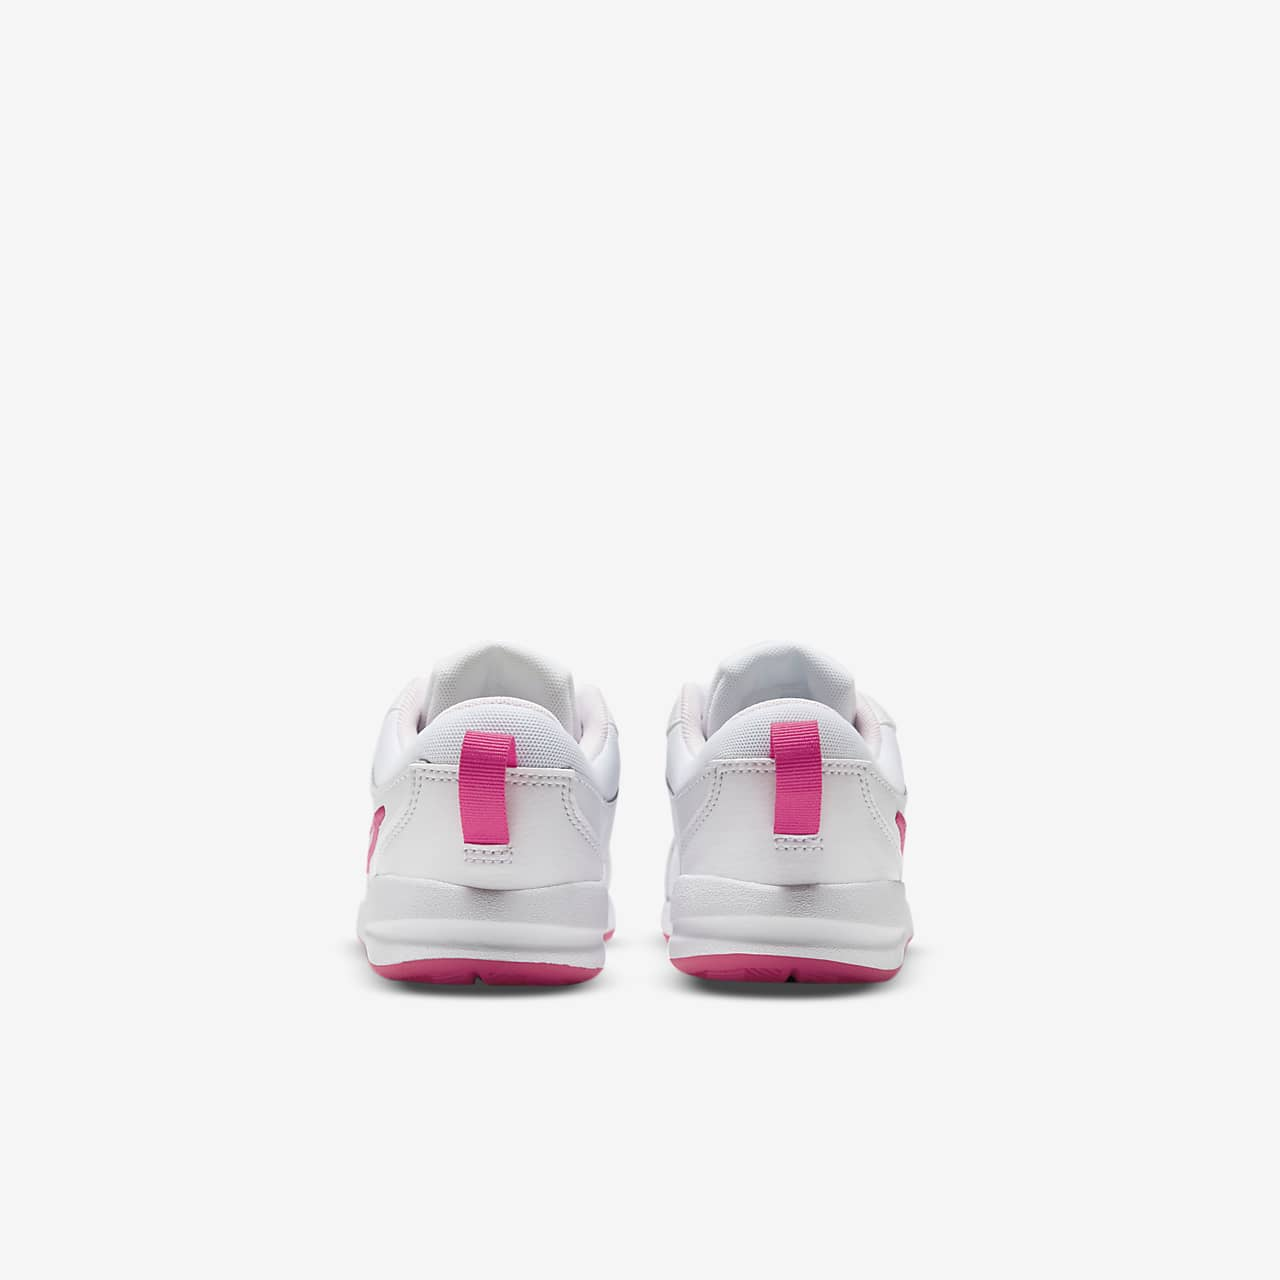 1e5c24431c920 ... Calzado para niña Nike Pico 4 (16